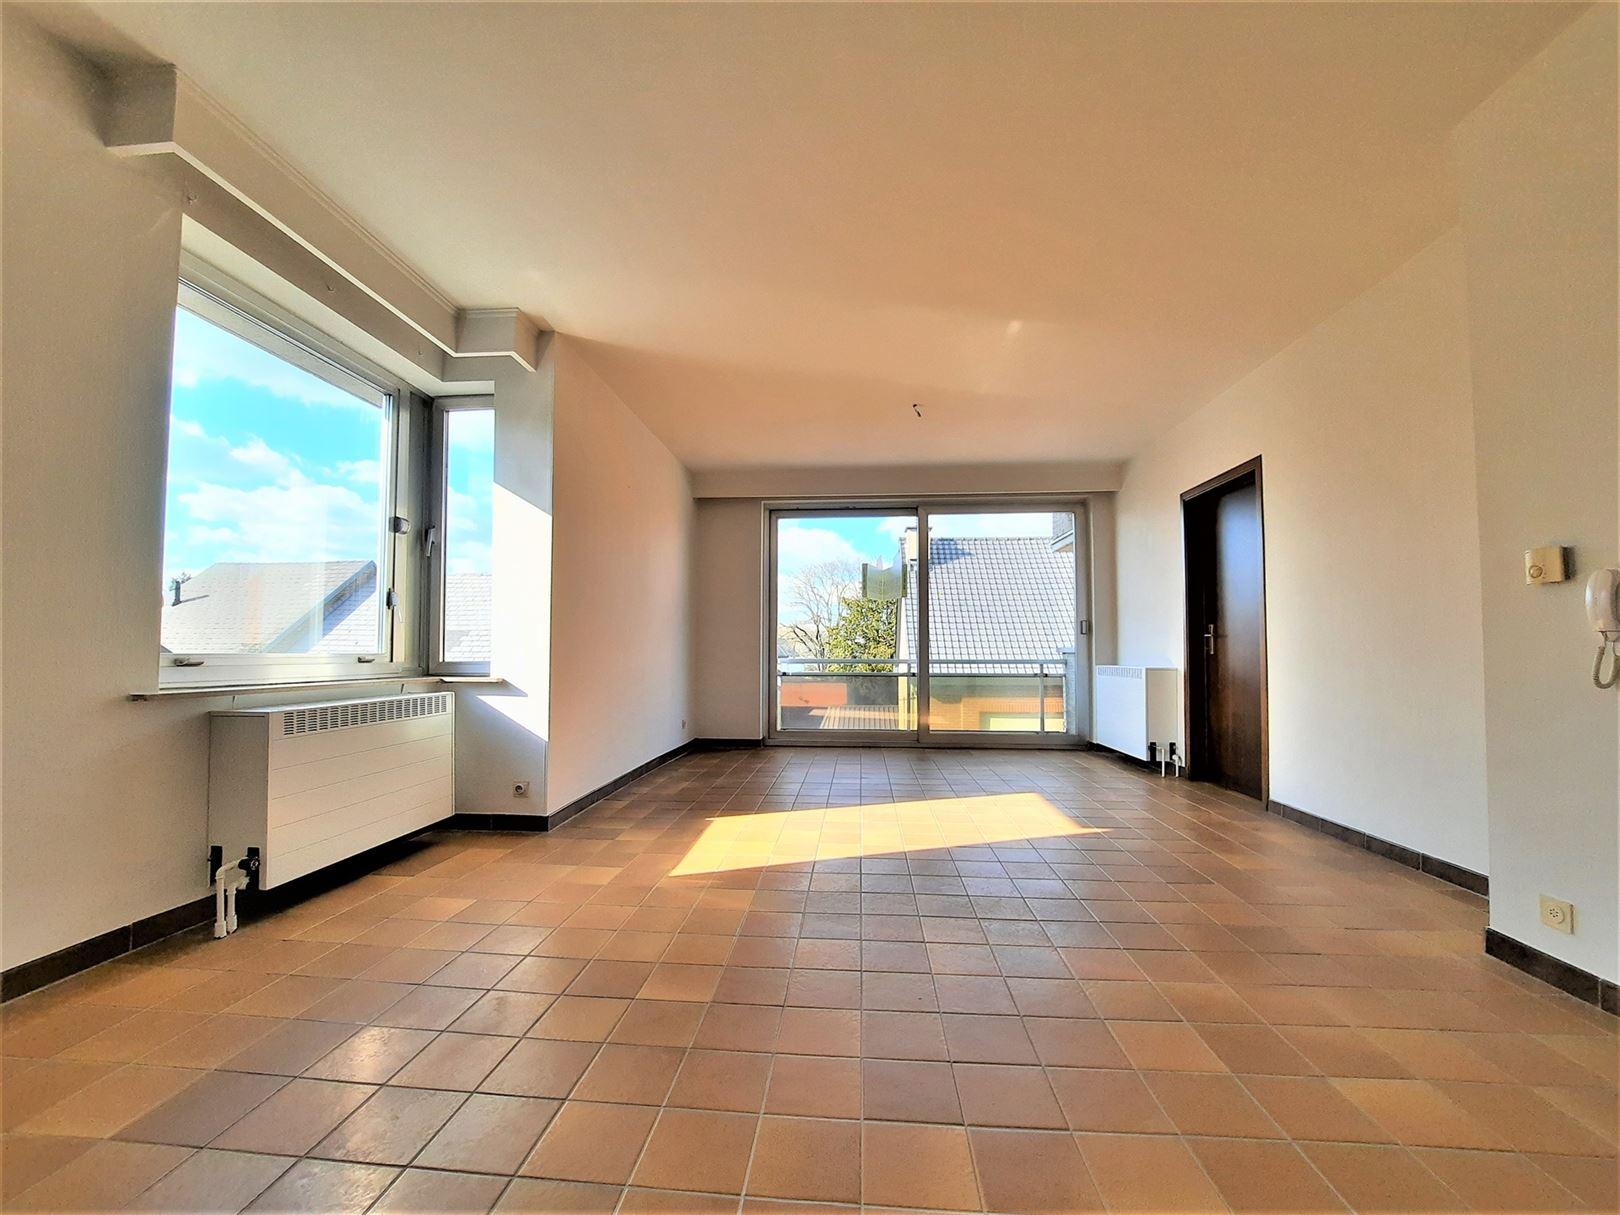 Foto 3 : Appartement te 9200 OUDEGEM (België) - Prijs € 620